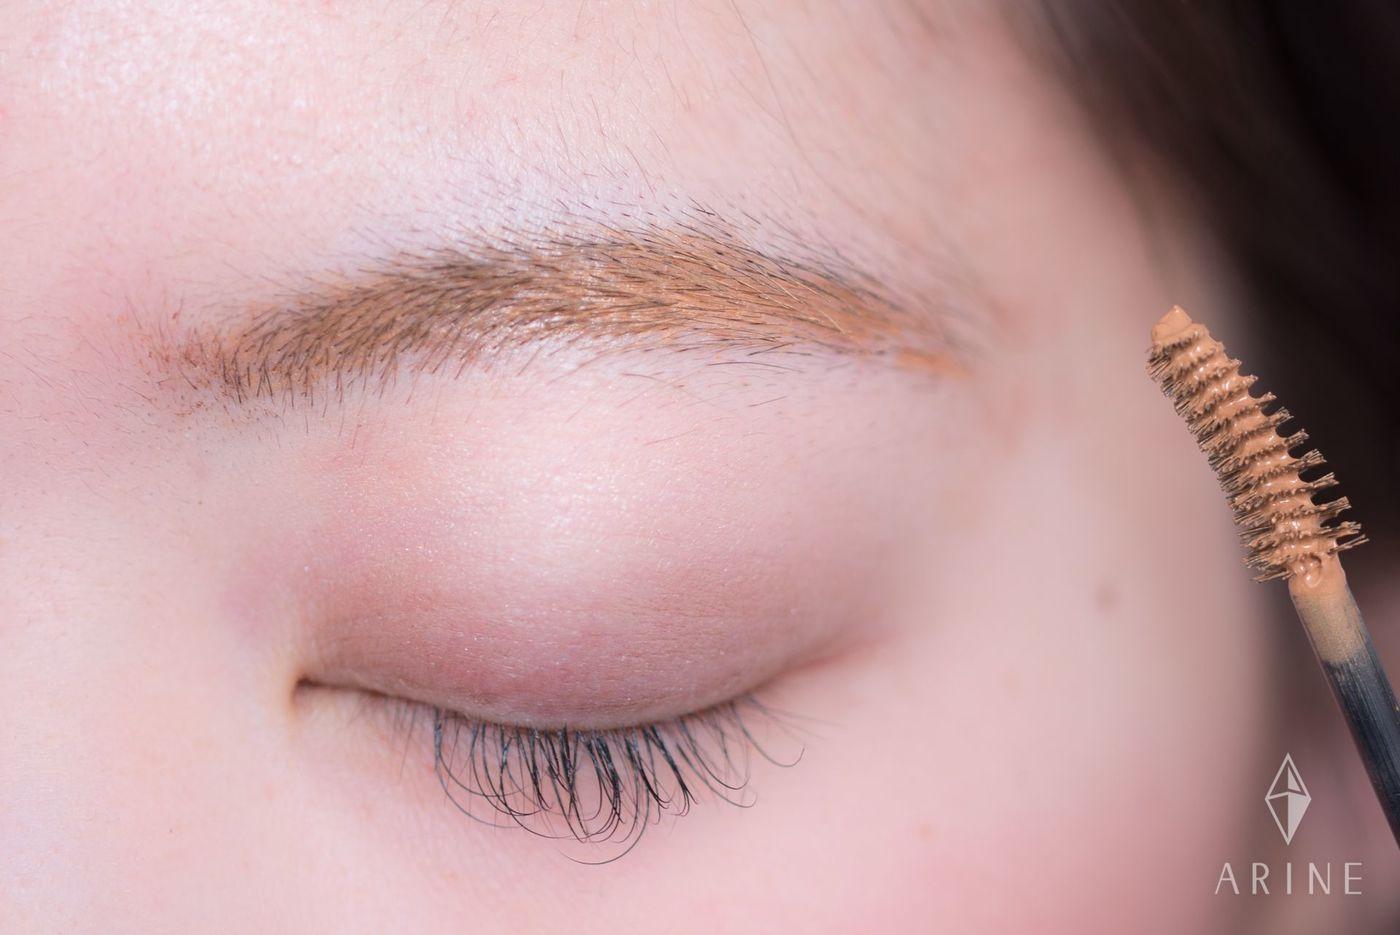 メイベリンの《眉マスカラ》で理想の眉に♡使い方もご紹介の10枚目の画像